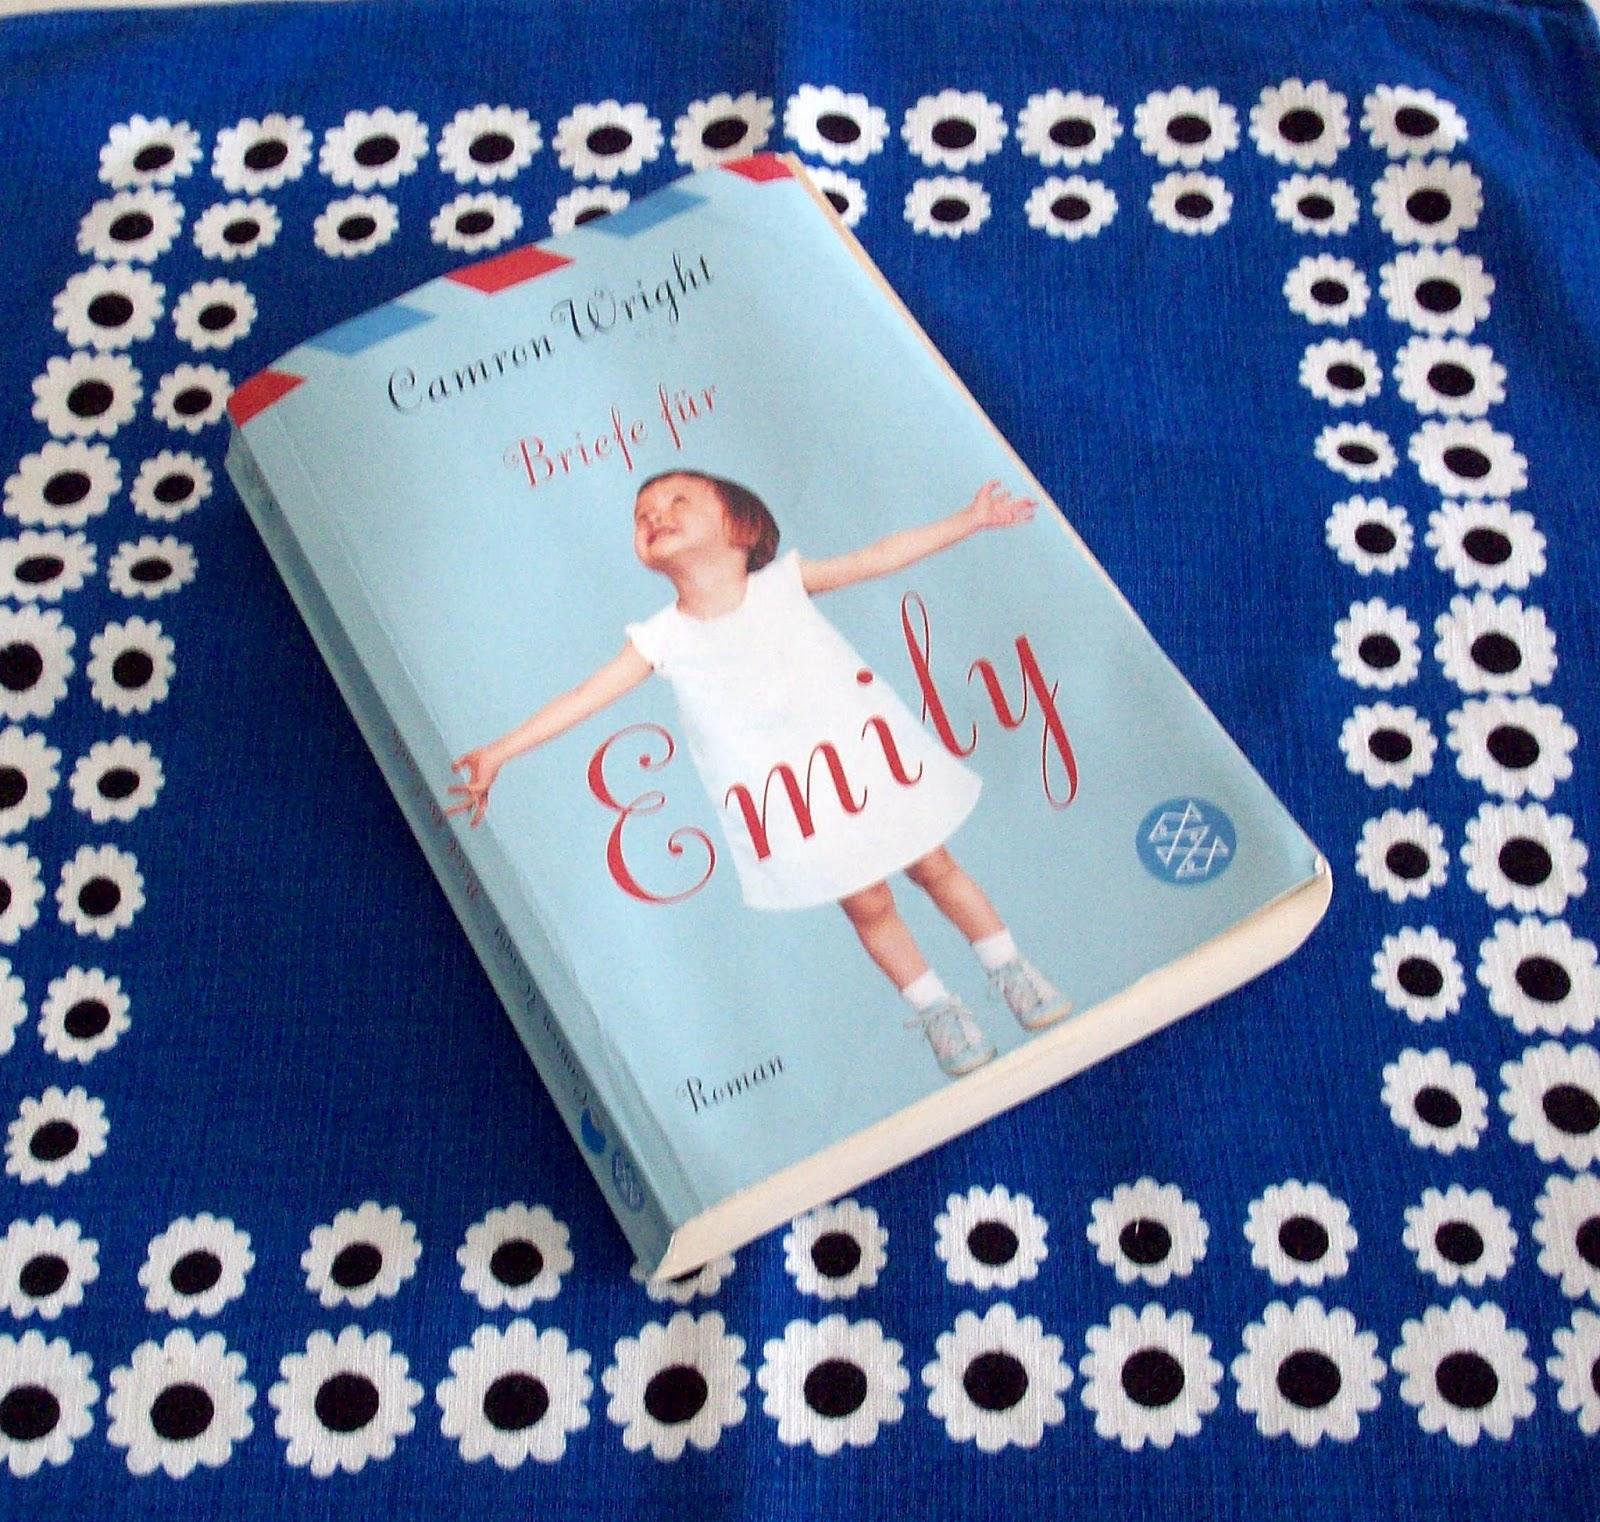 Briefe Für Emily : Fraualberta gelesen camon wright briefe für emily